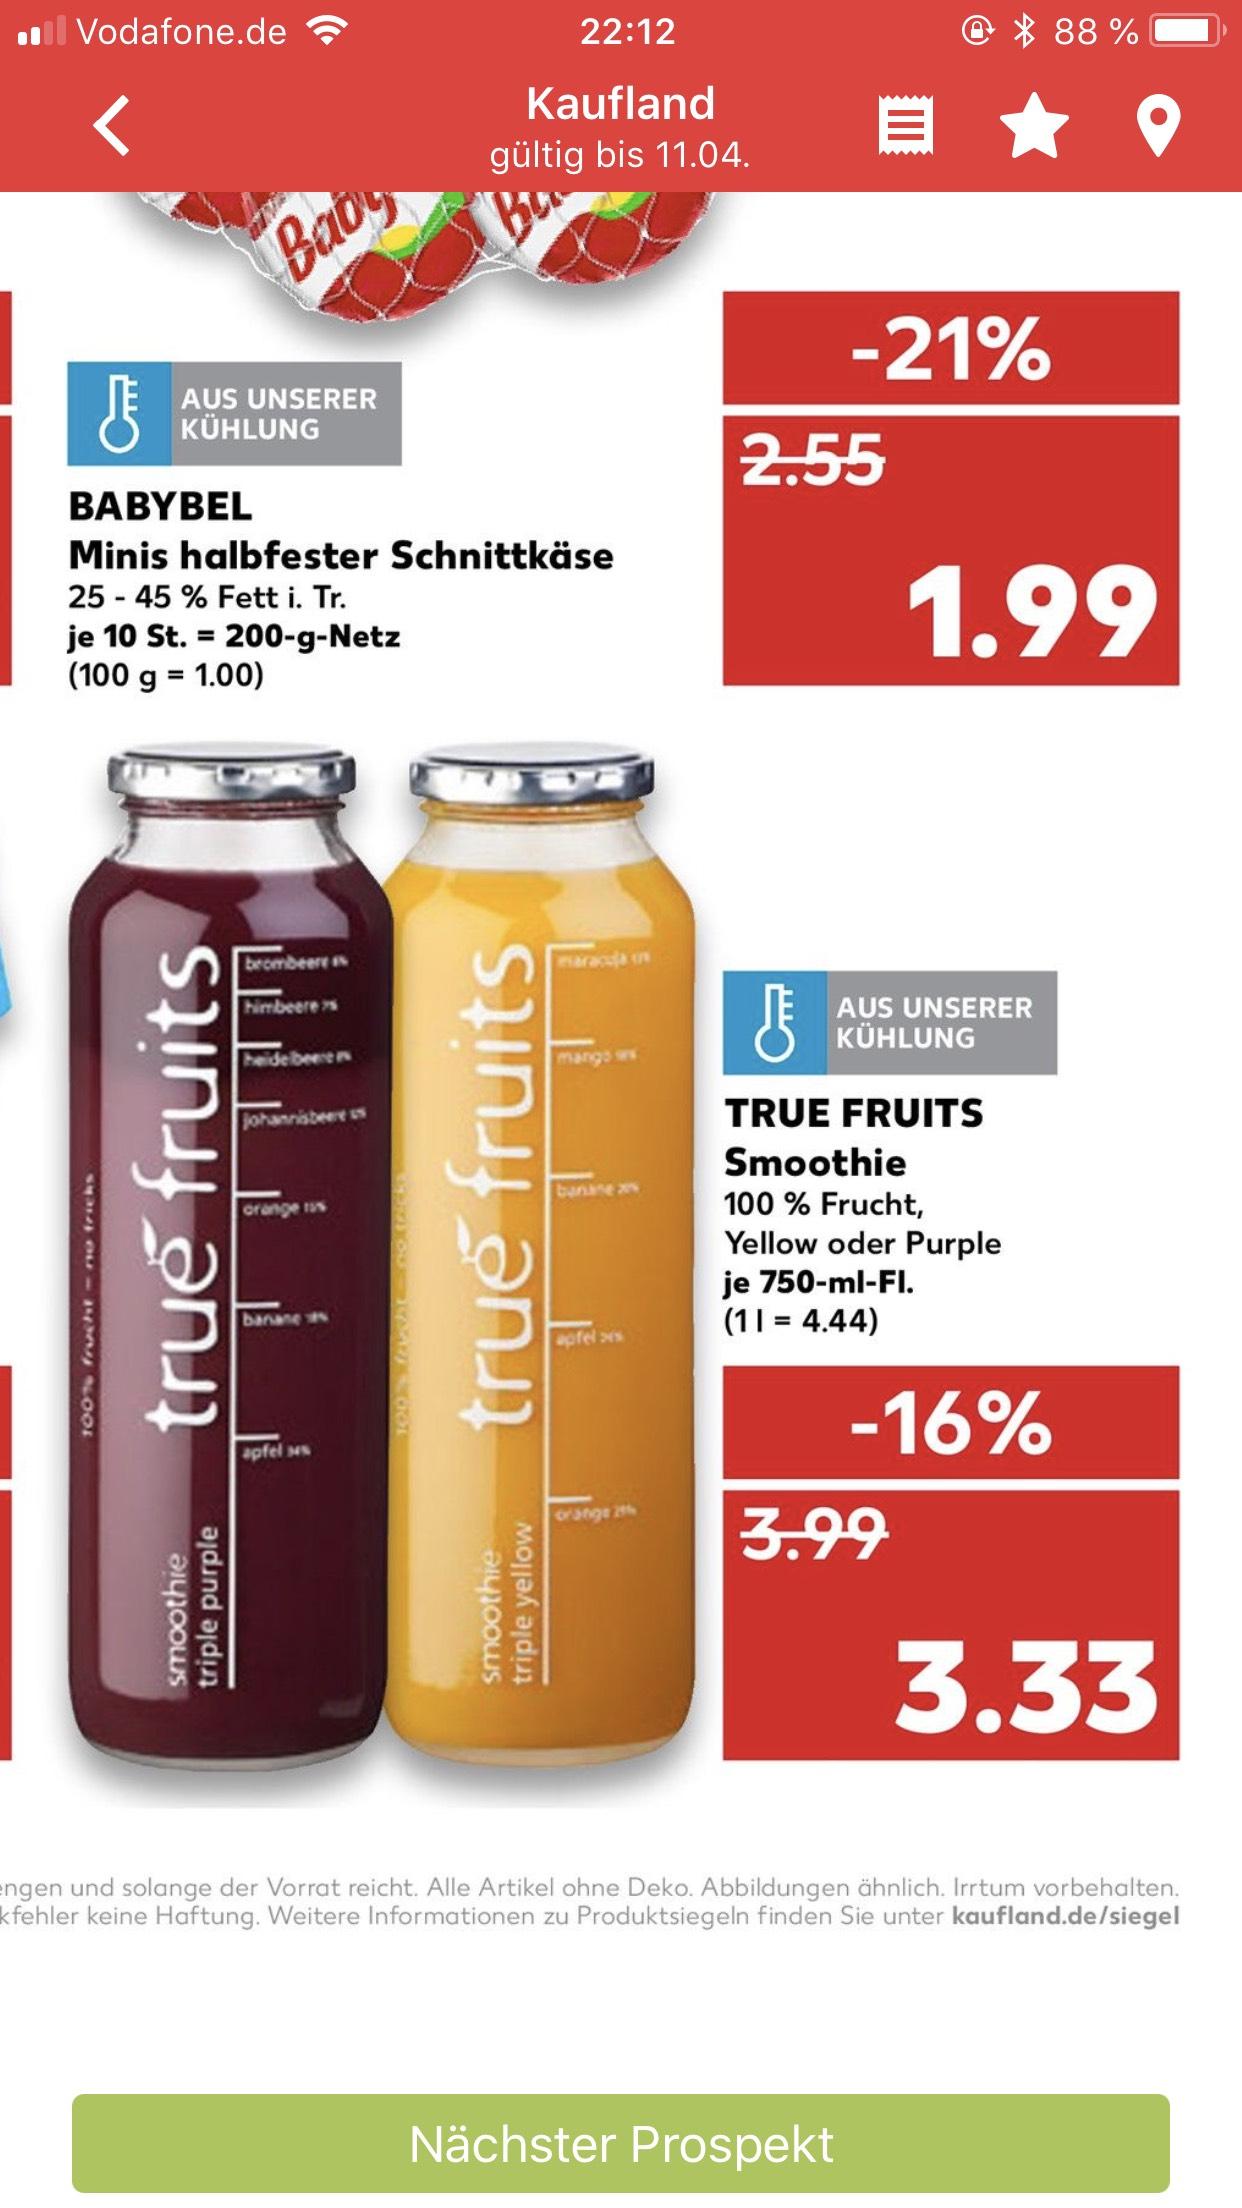 [KAUFLAND] True Fruits 750 ml Flasche